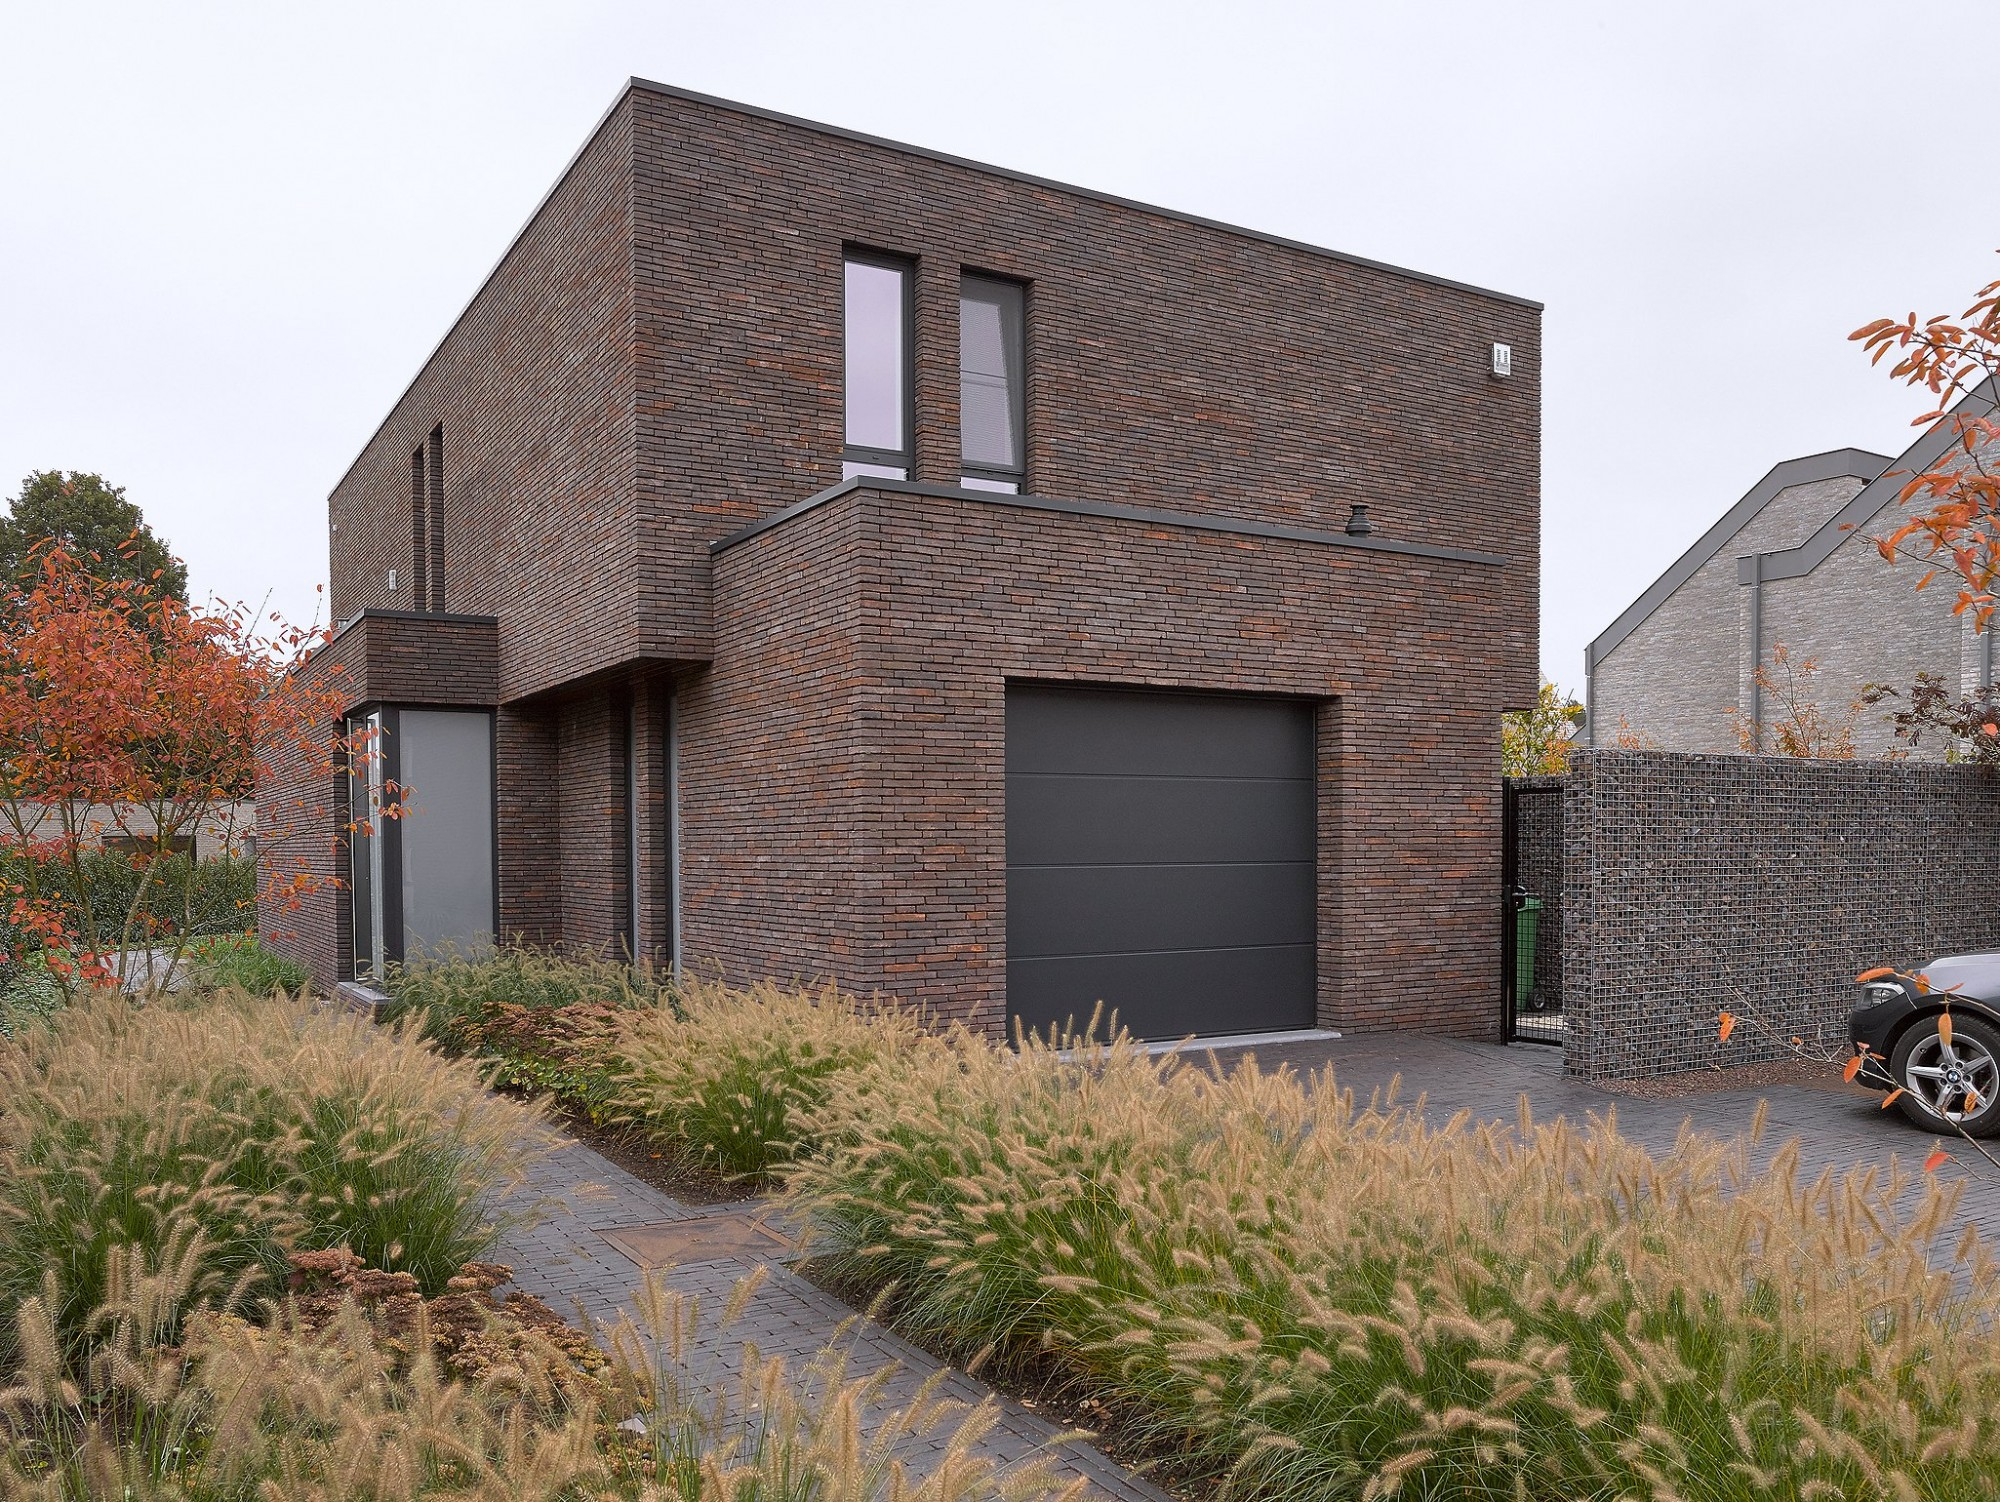 Afbeelding: Architectuur fotografie woningen modern, foto Van Huffel.